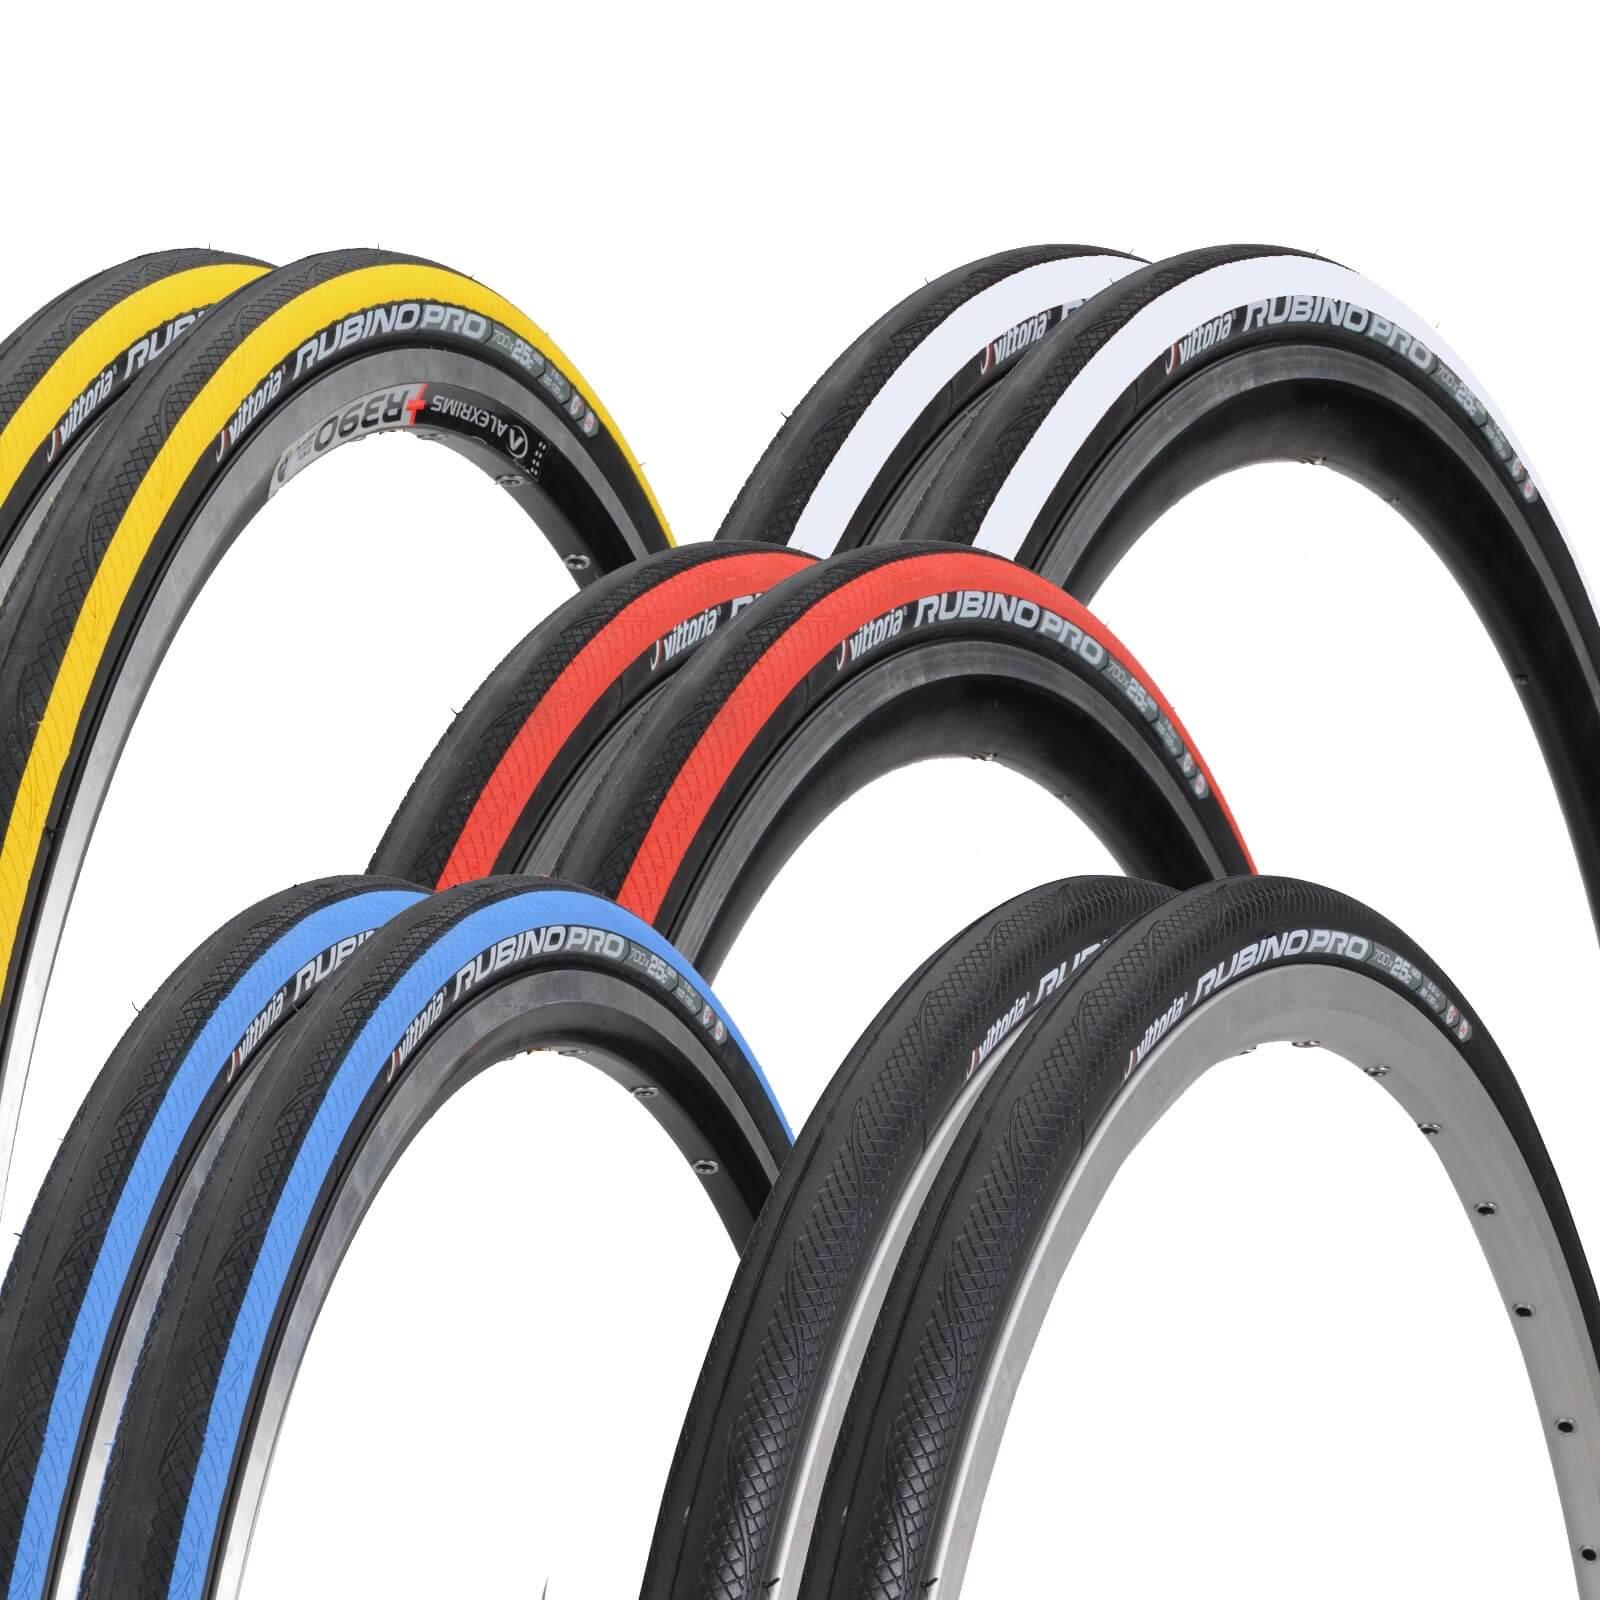 Vittoria Rubino Pro G+ Clincher Tyre Twin Pack | ProBikeKit UK